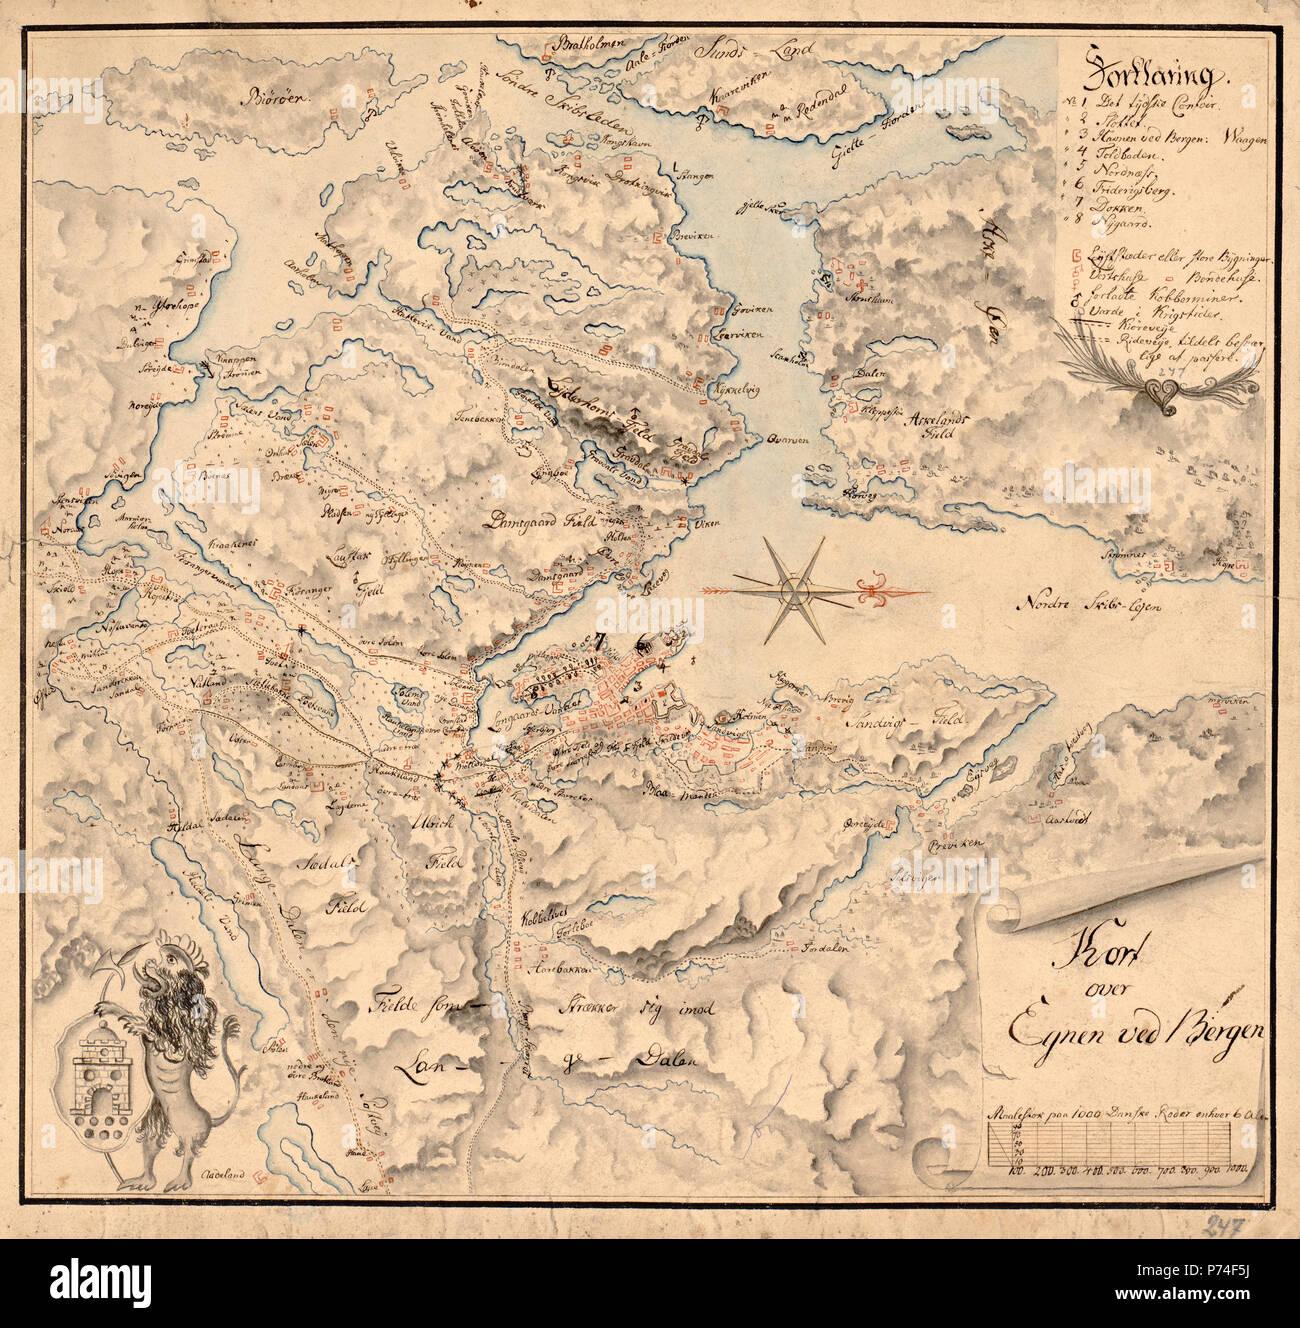 kart over bergen og omegn Håndtegkart over Bergen med omegn   Cartographer Ukjent. ca  kart over bergen og omegn